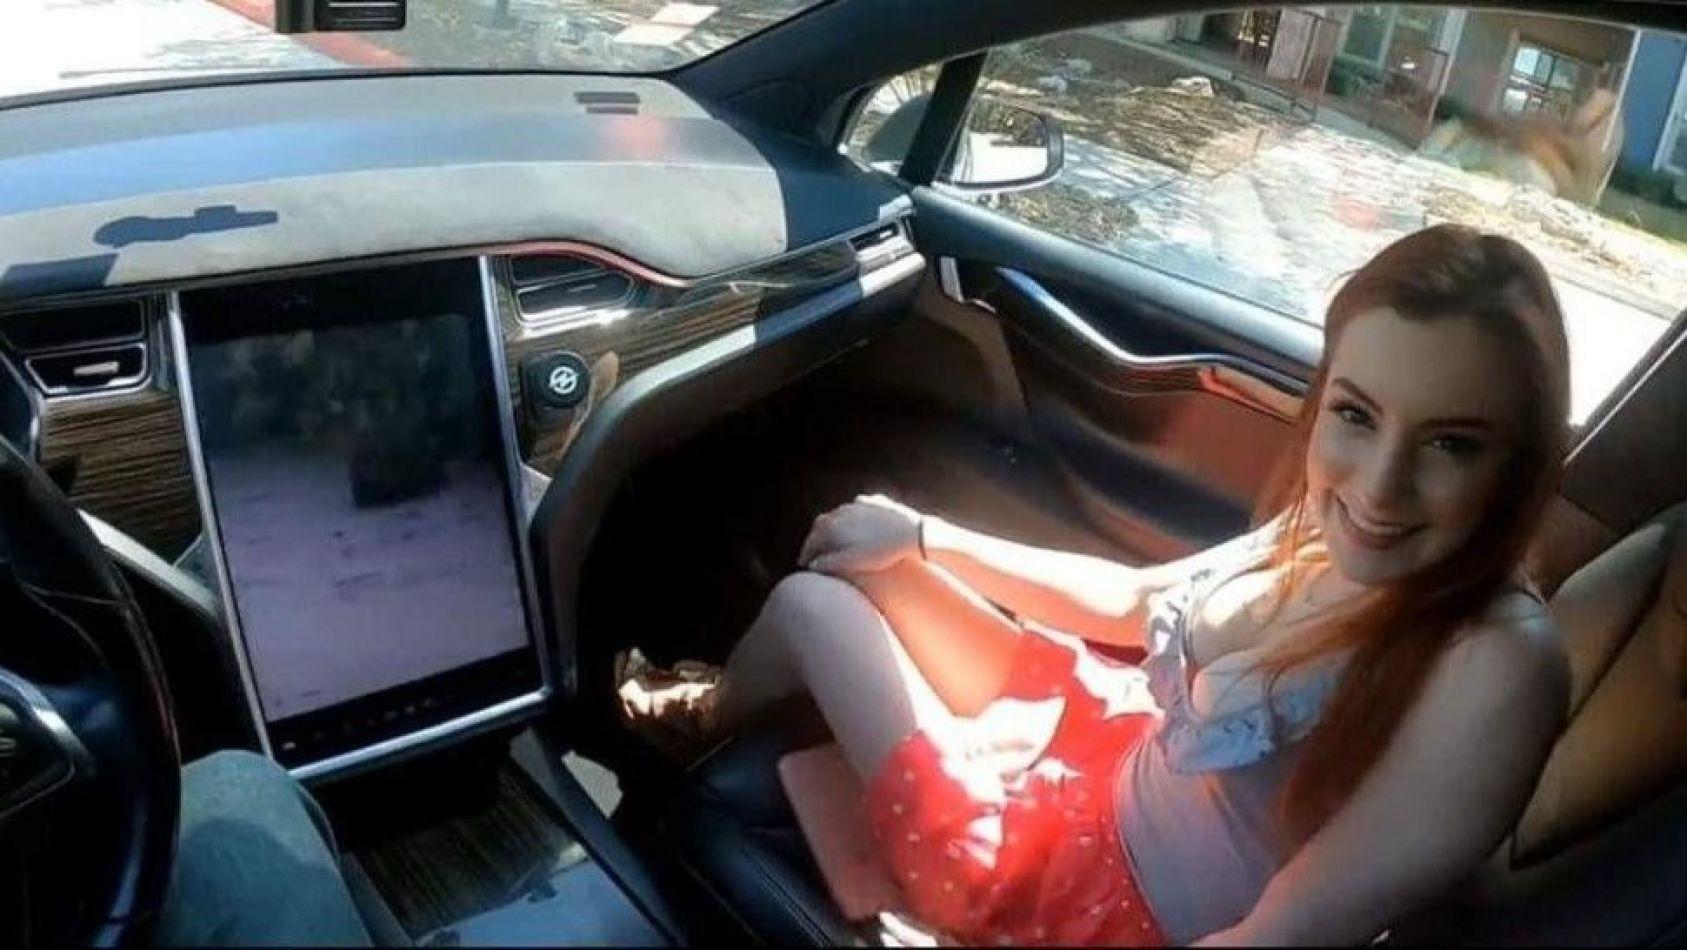 Argentina Pelicula Porno filman la primera película porno viajando en un auto con